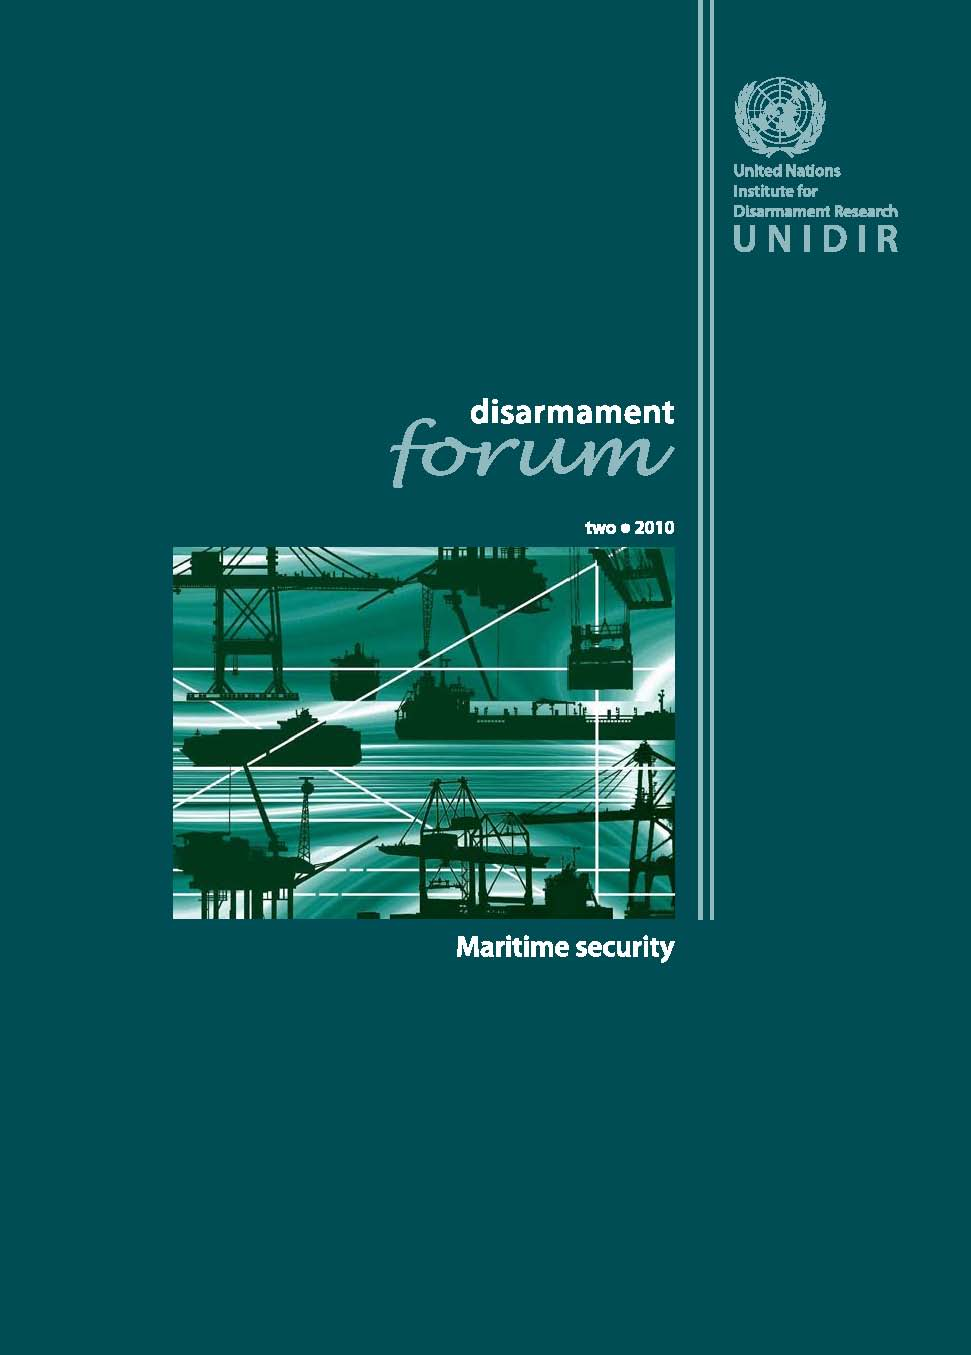 Copertina della pubblicazione Disarmament Forum 2/2010 di UNIDIR